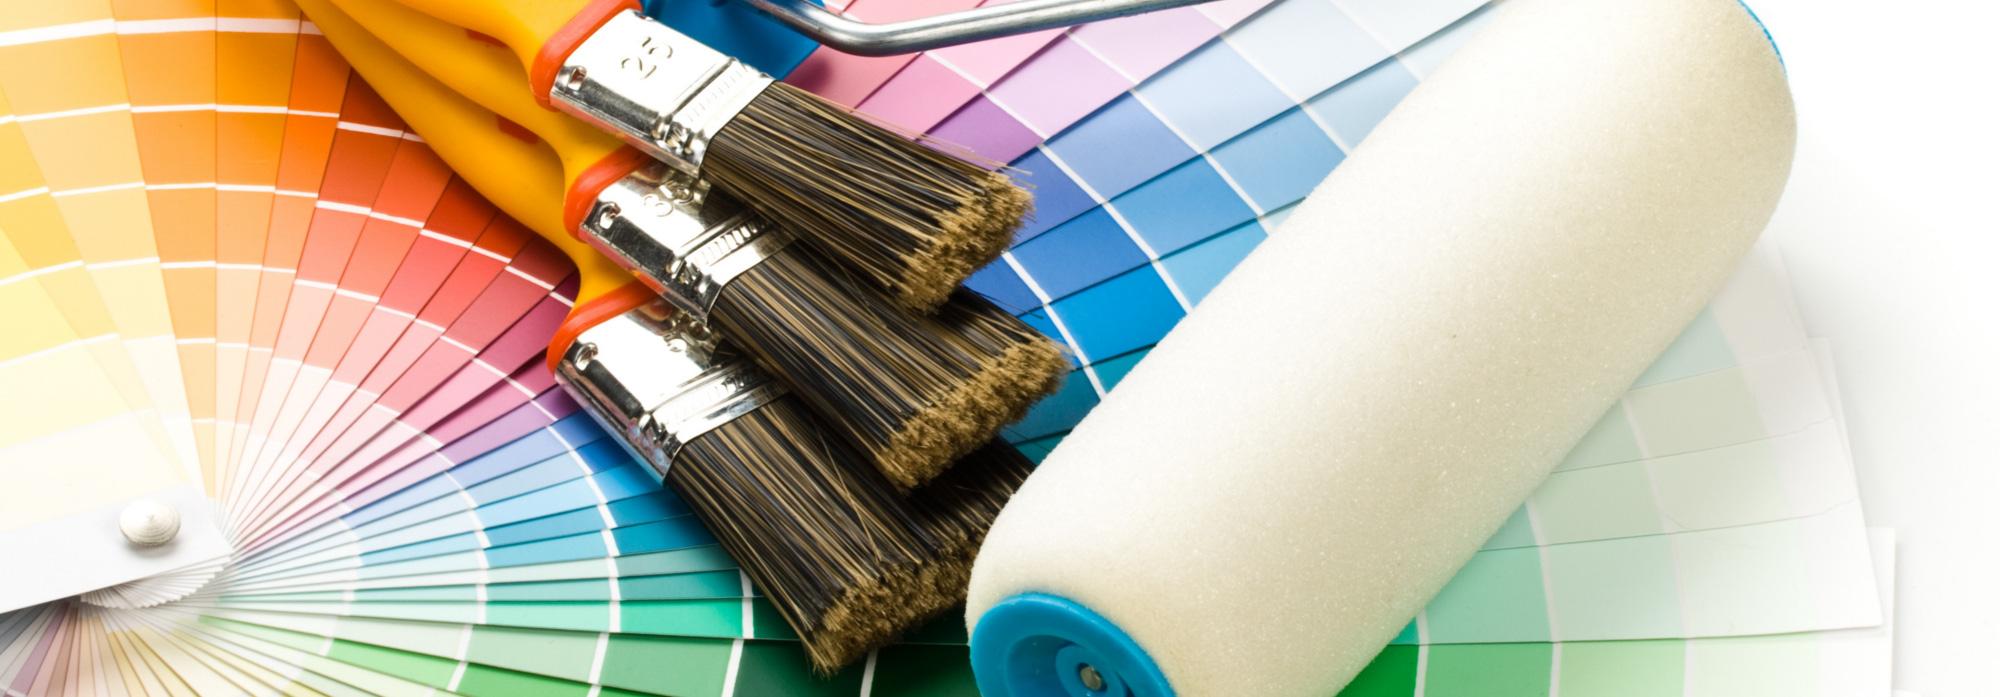 Salon z farbami i lakierami w krakowie